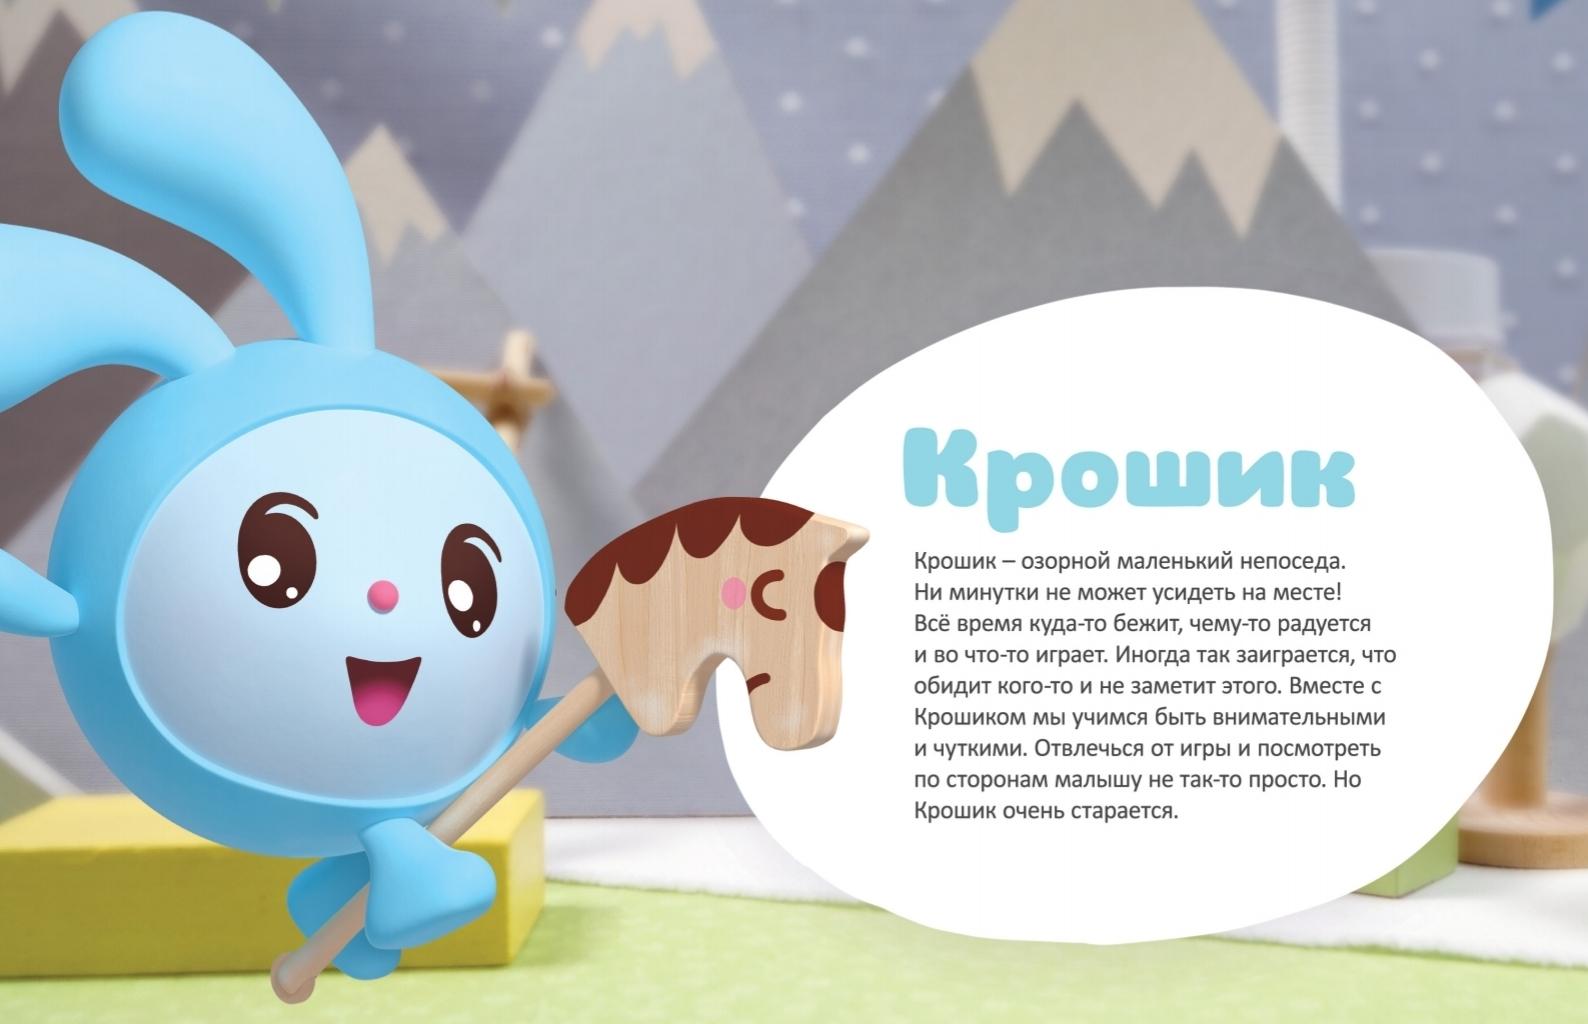 Коллекция Adam Stork&Малышарики Персонаж Крошик